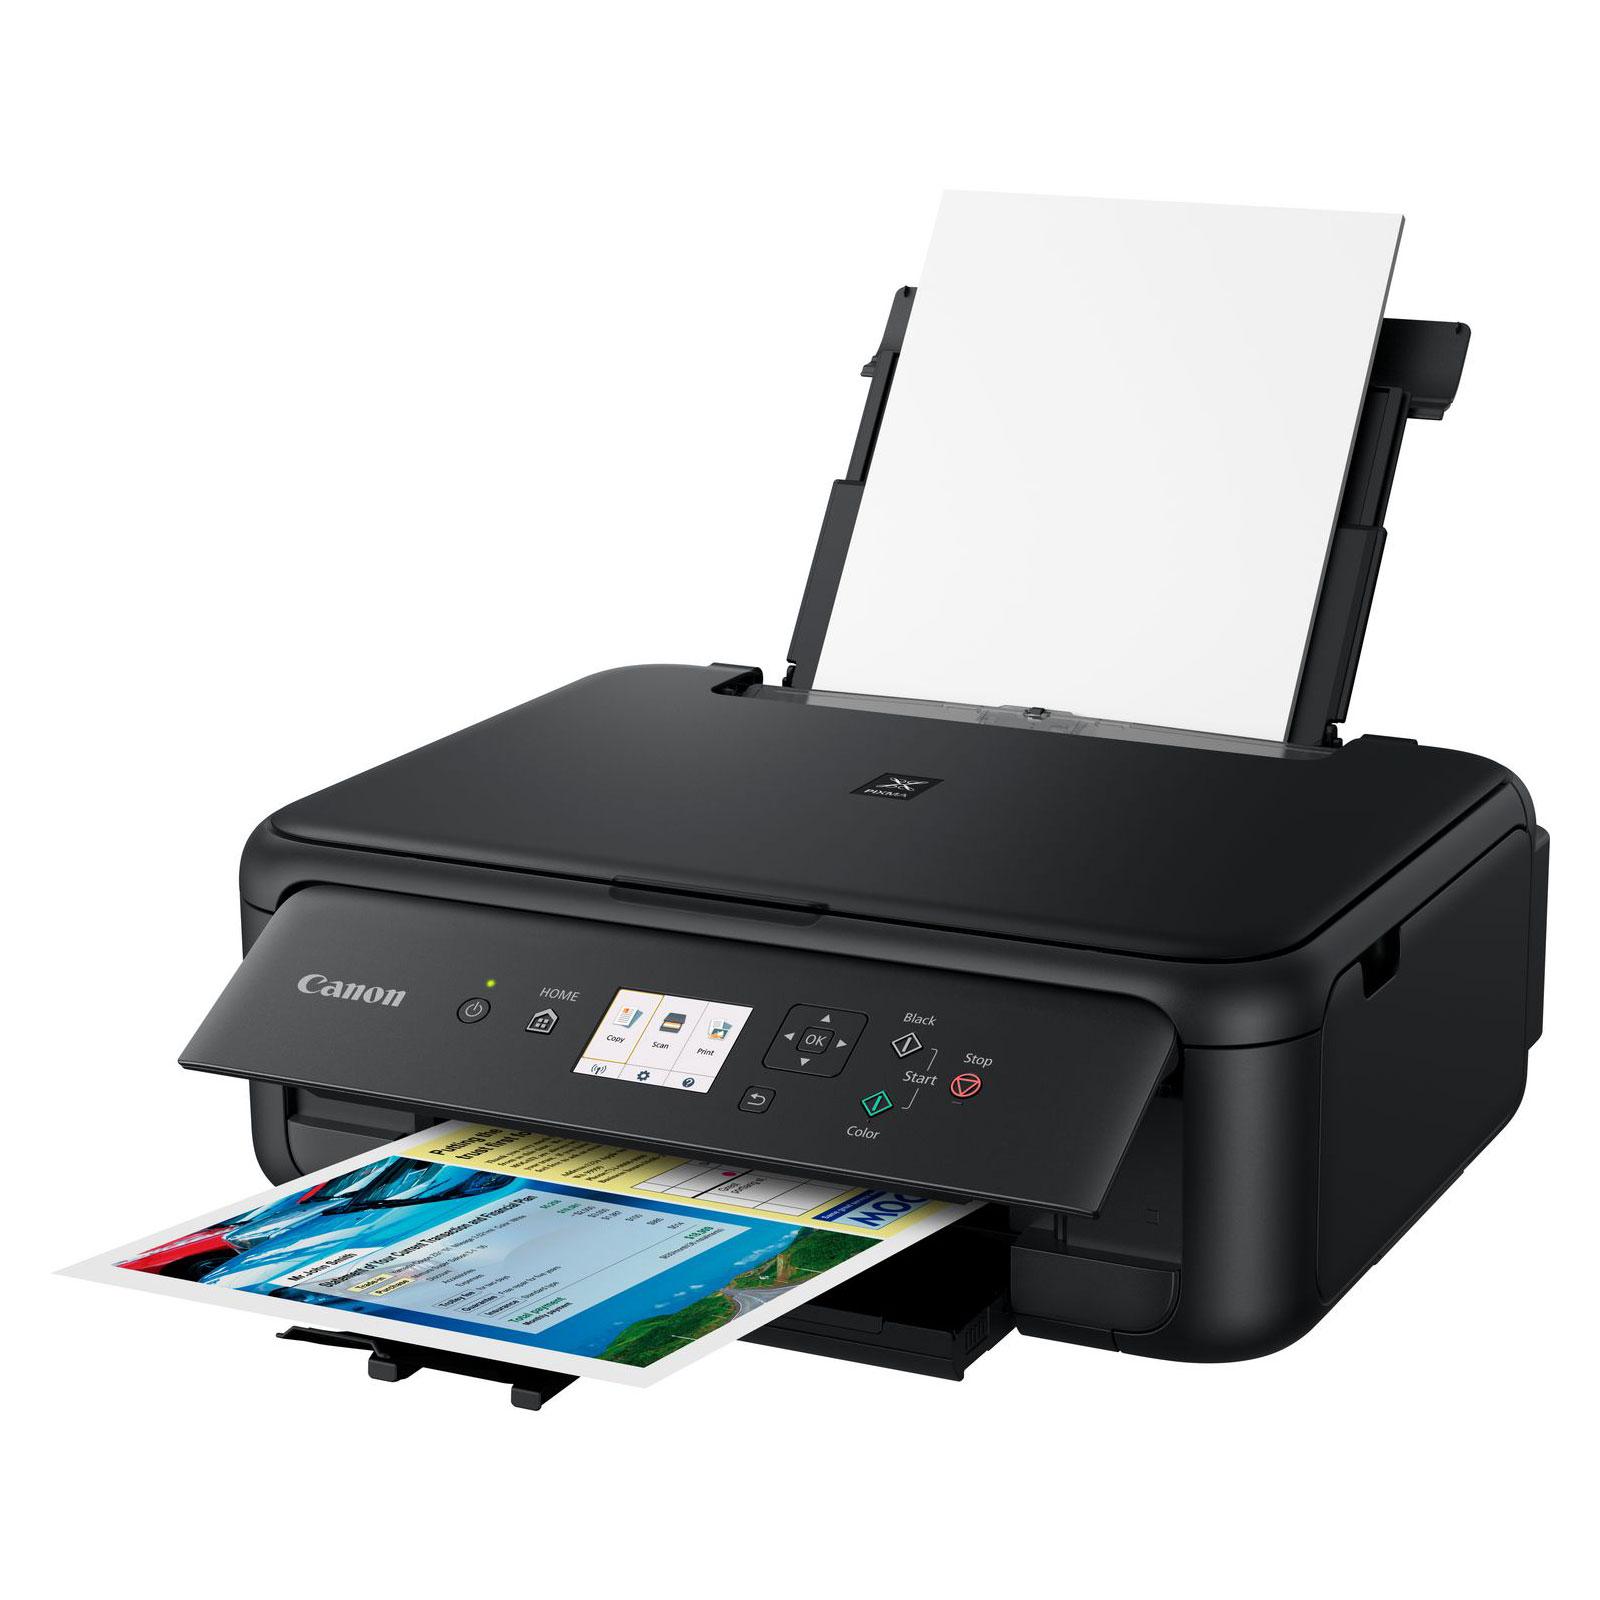 Imprimante multifonction Canon PIXMA TS5150 - Cybertek.fr - 3